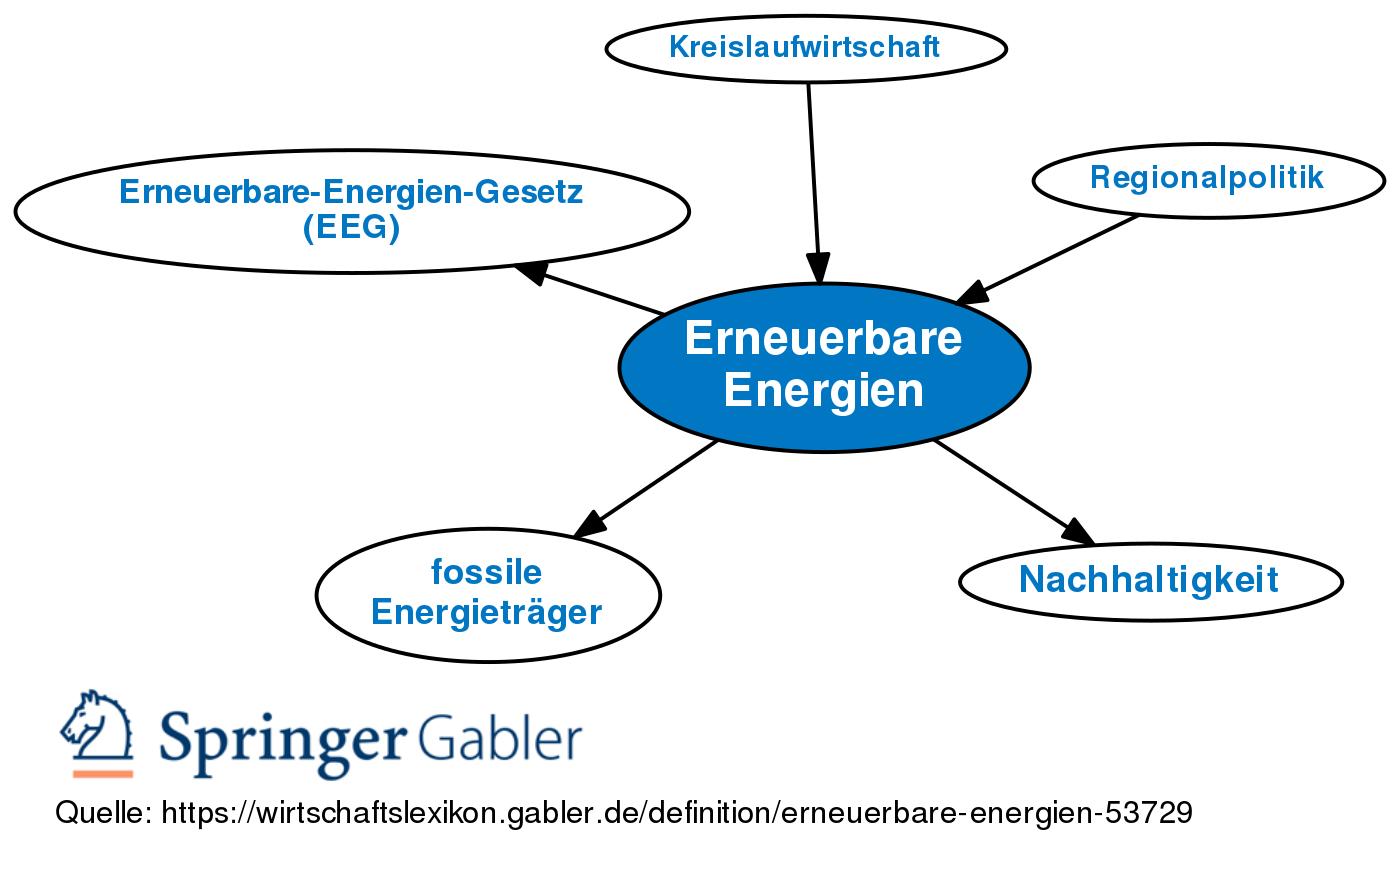 Erneuerbare Energien Definition Im Gabler Wirtschaftslexikon